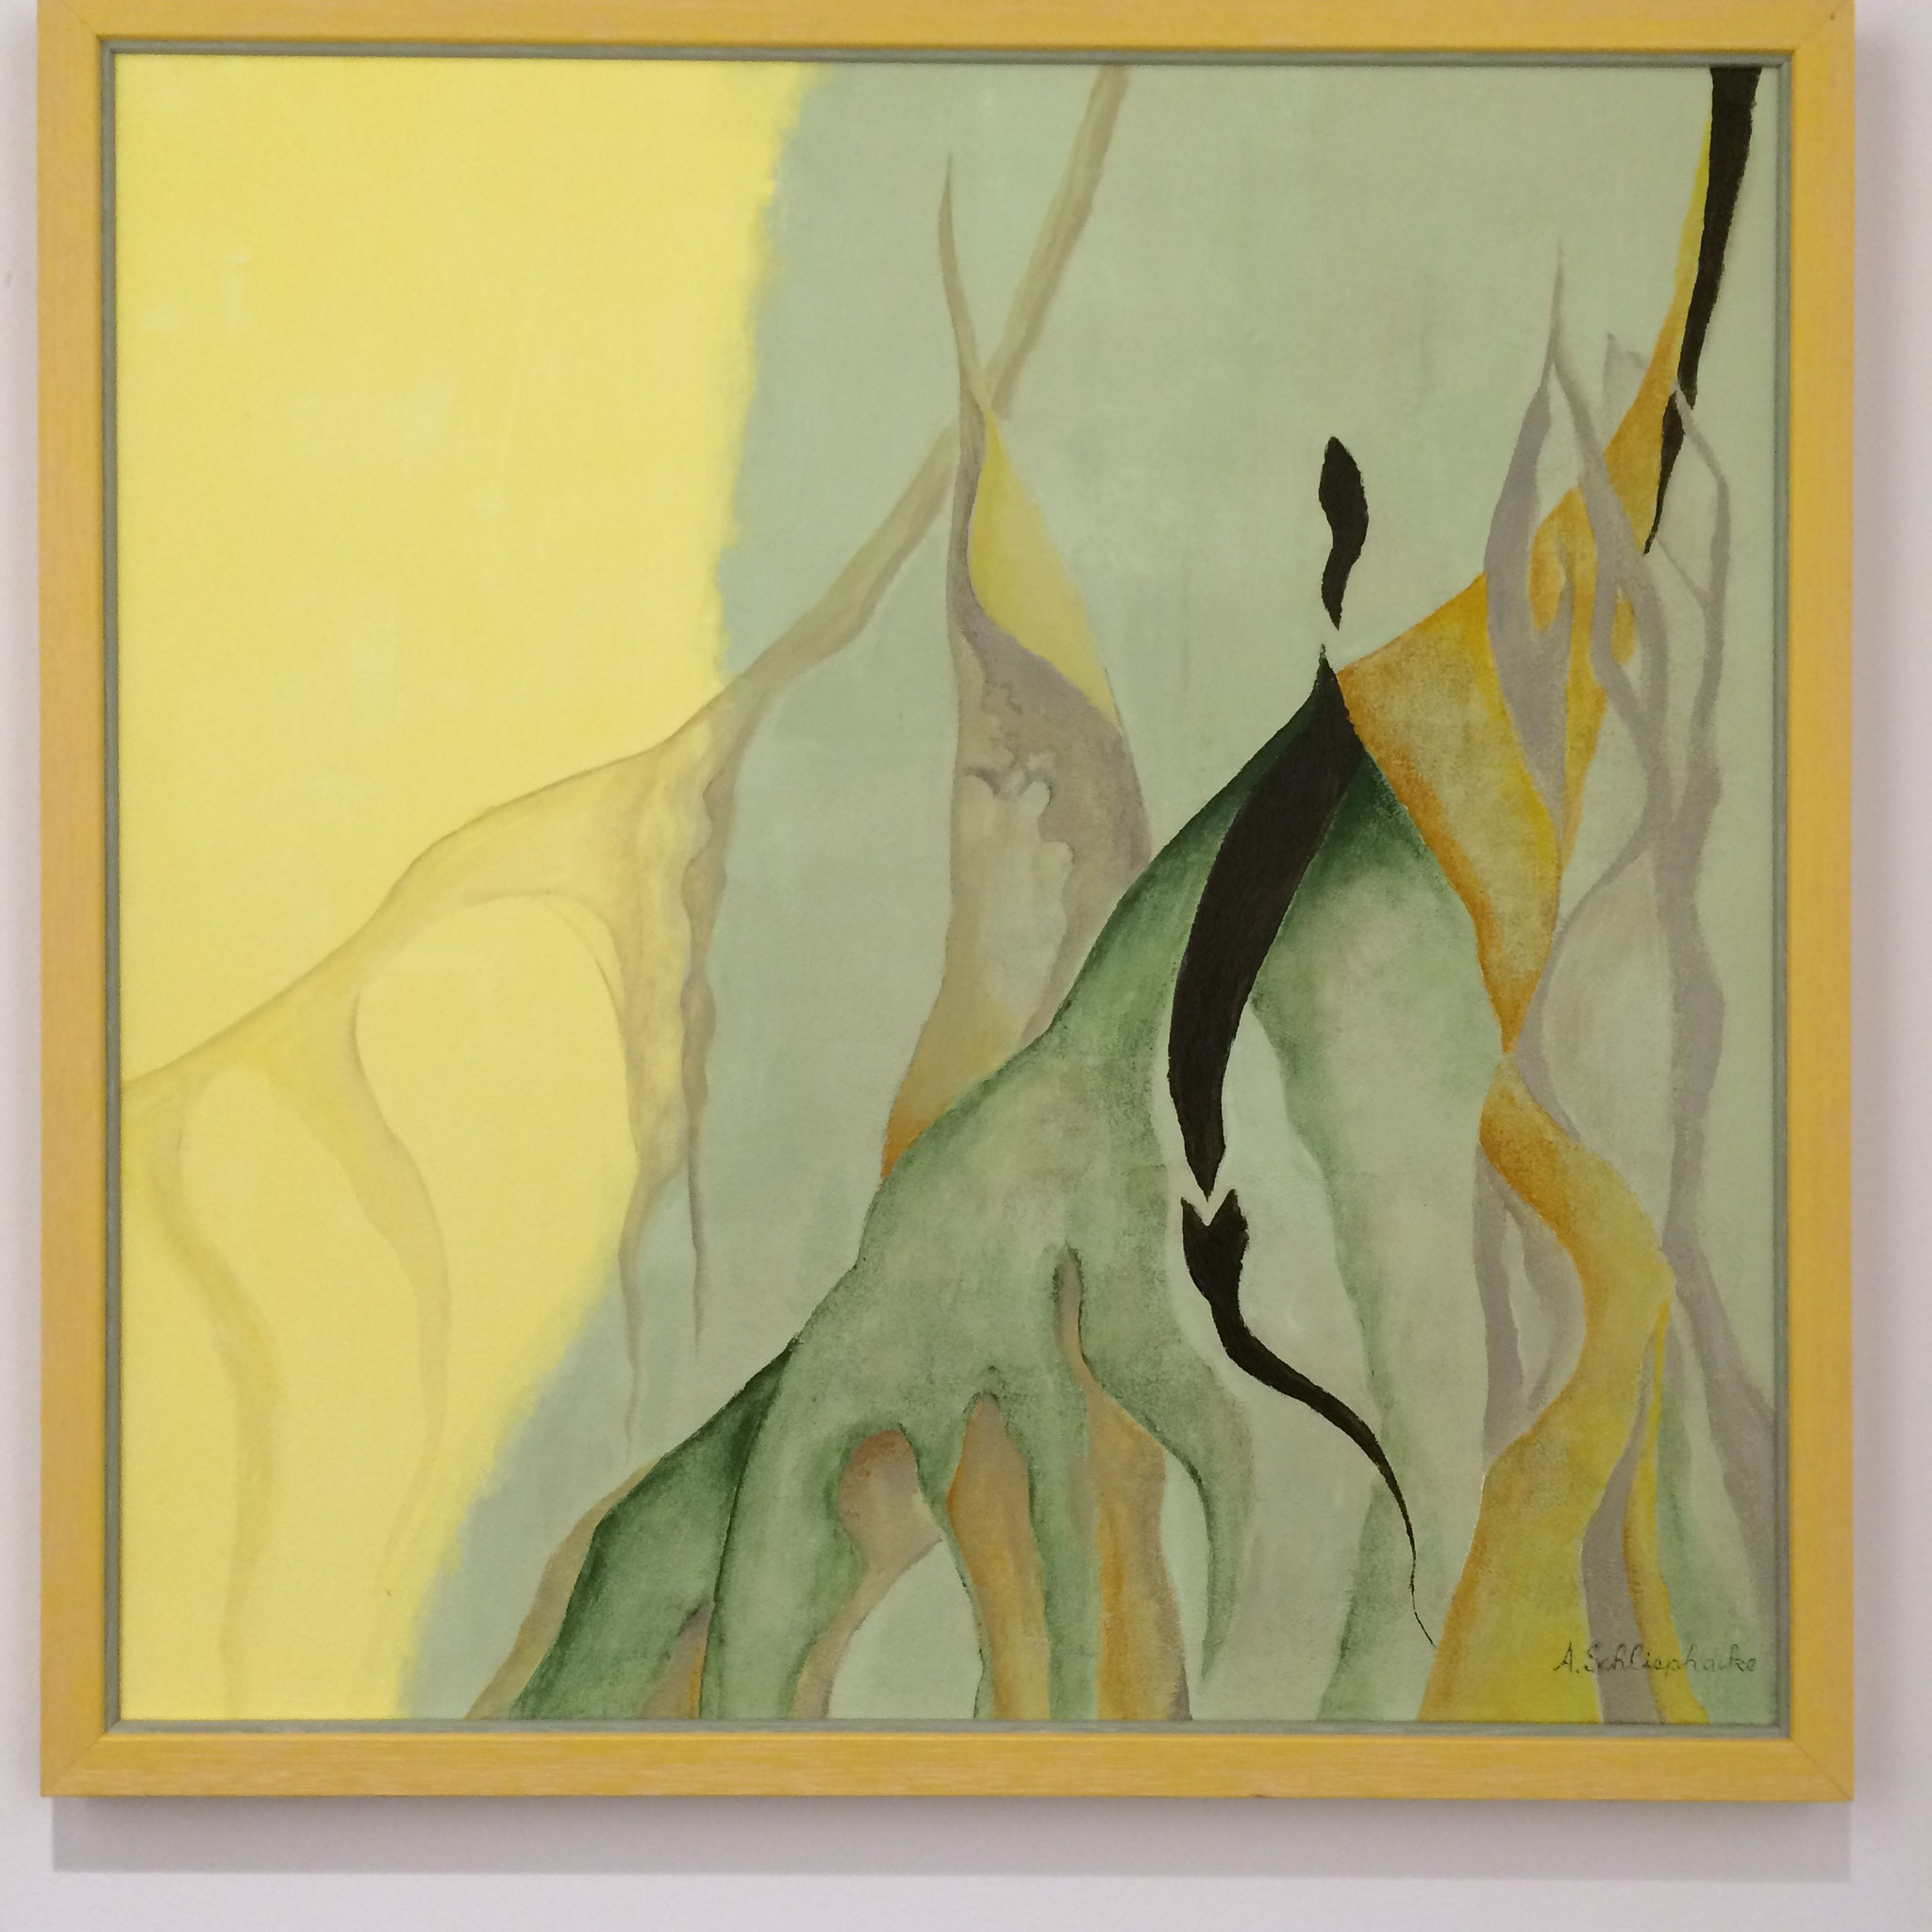 """Orig. Acrylbild auf Leinwand """"Vegetation"""" - 75 x 75cm - gerahmt 1.690,-€"""